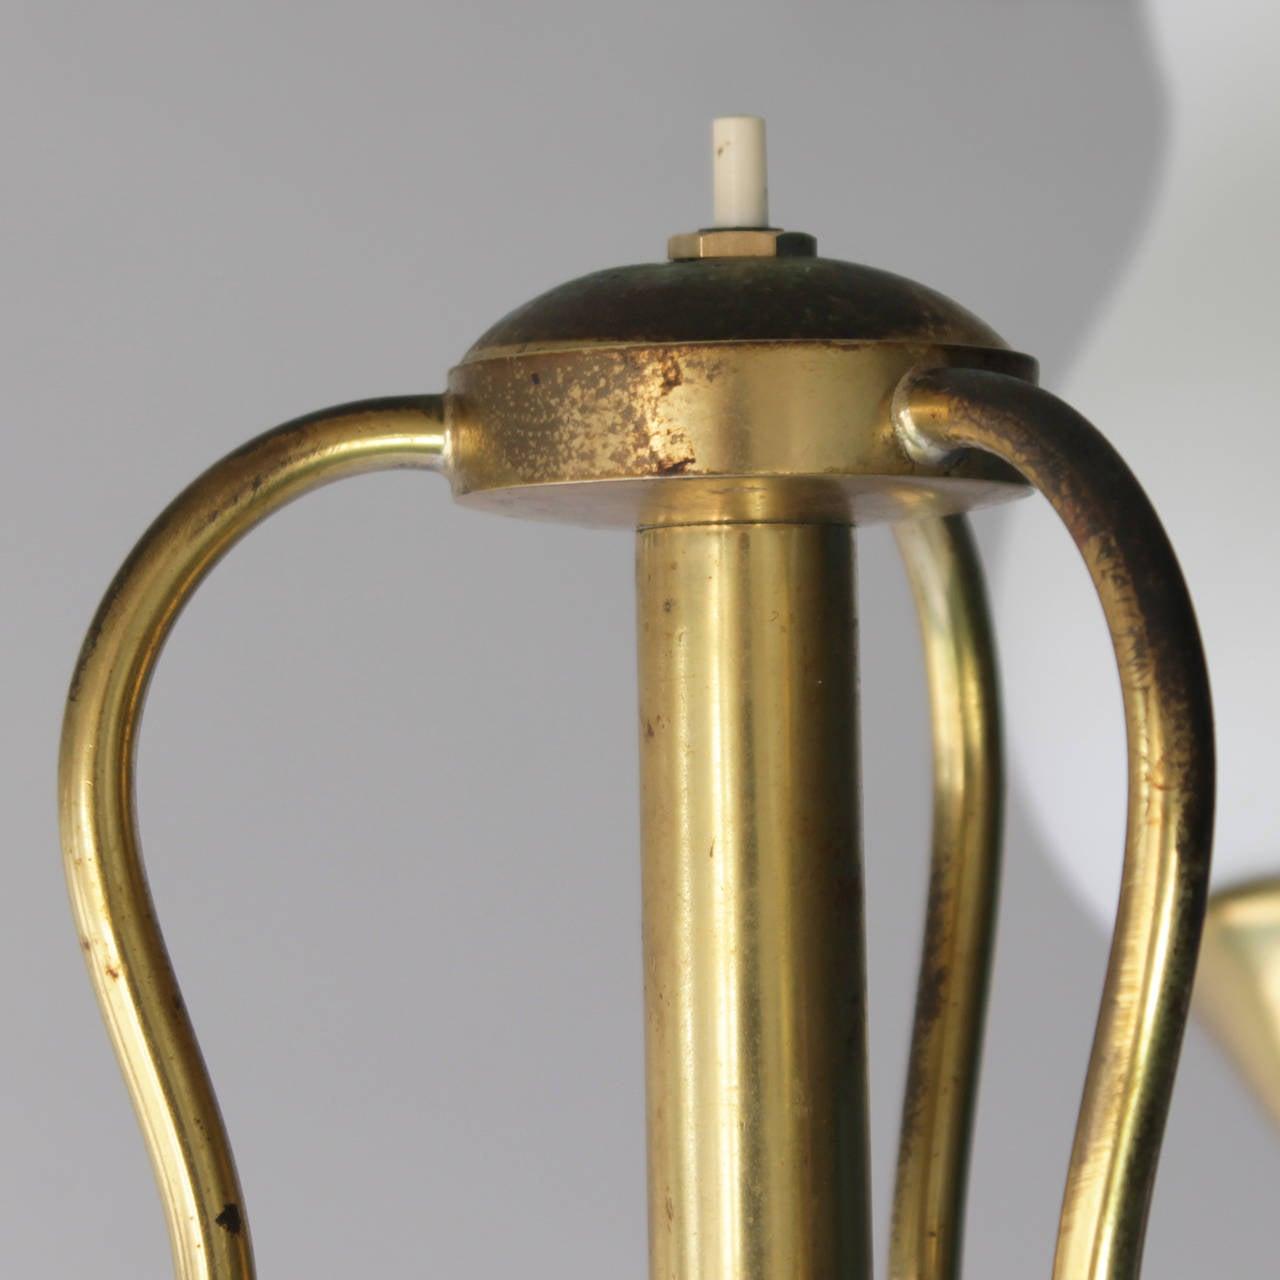 Elegant Italian Floor Lamp by Arredoluce For Sale 1